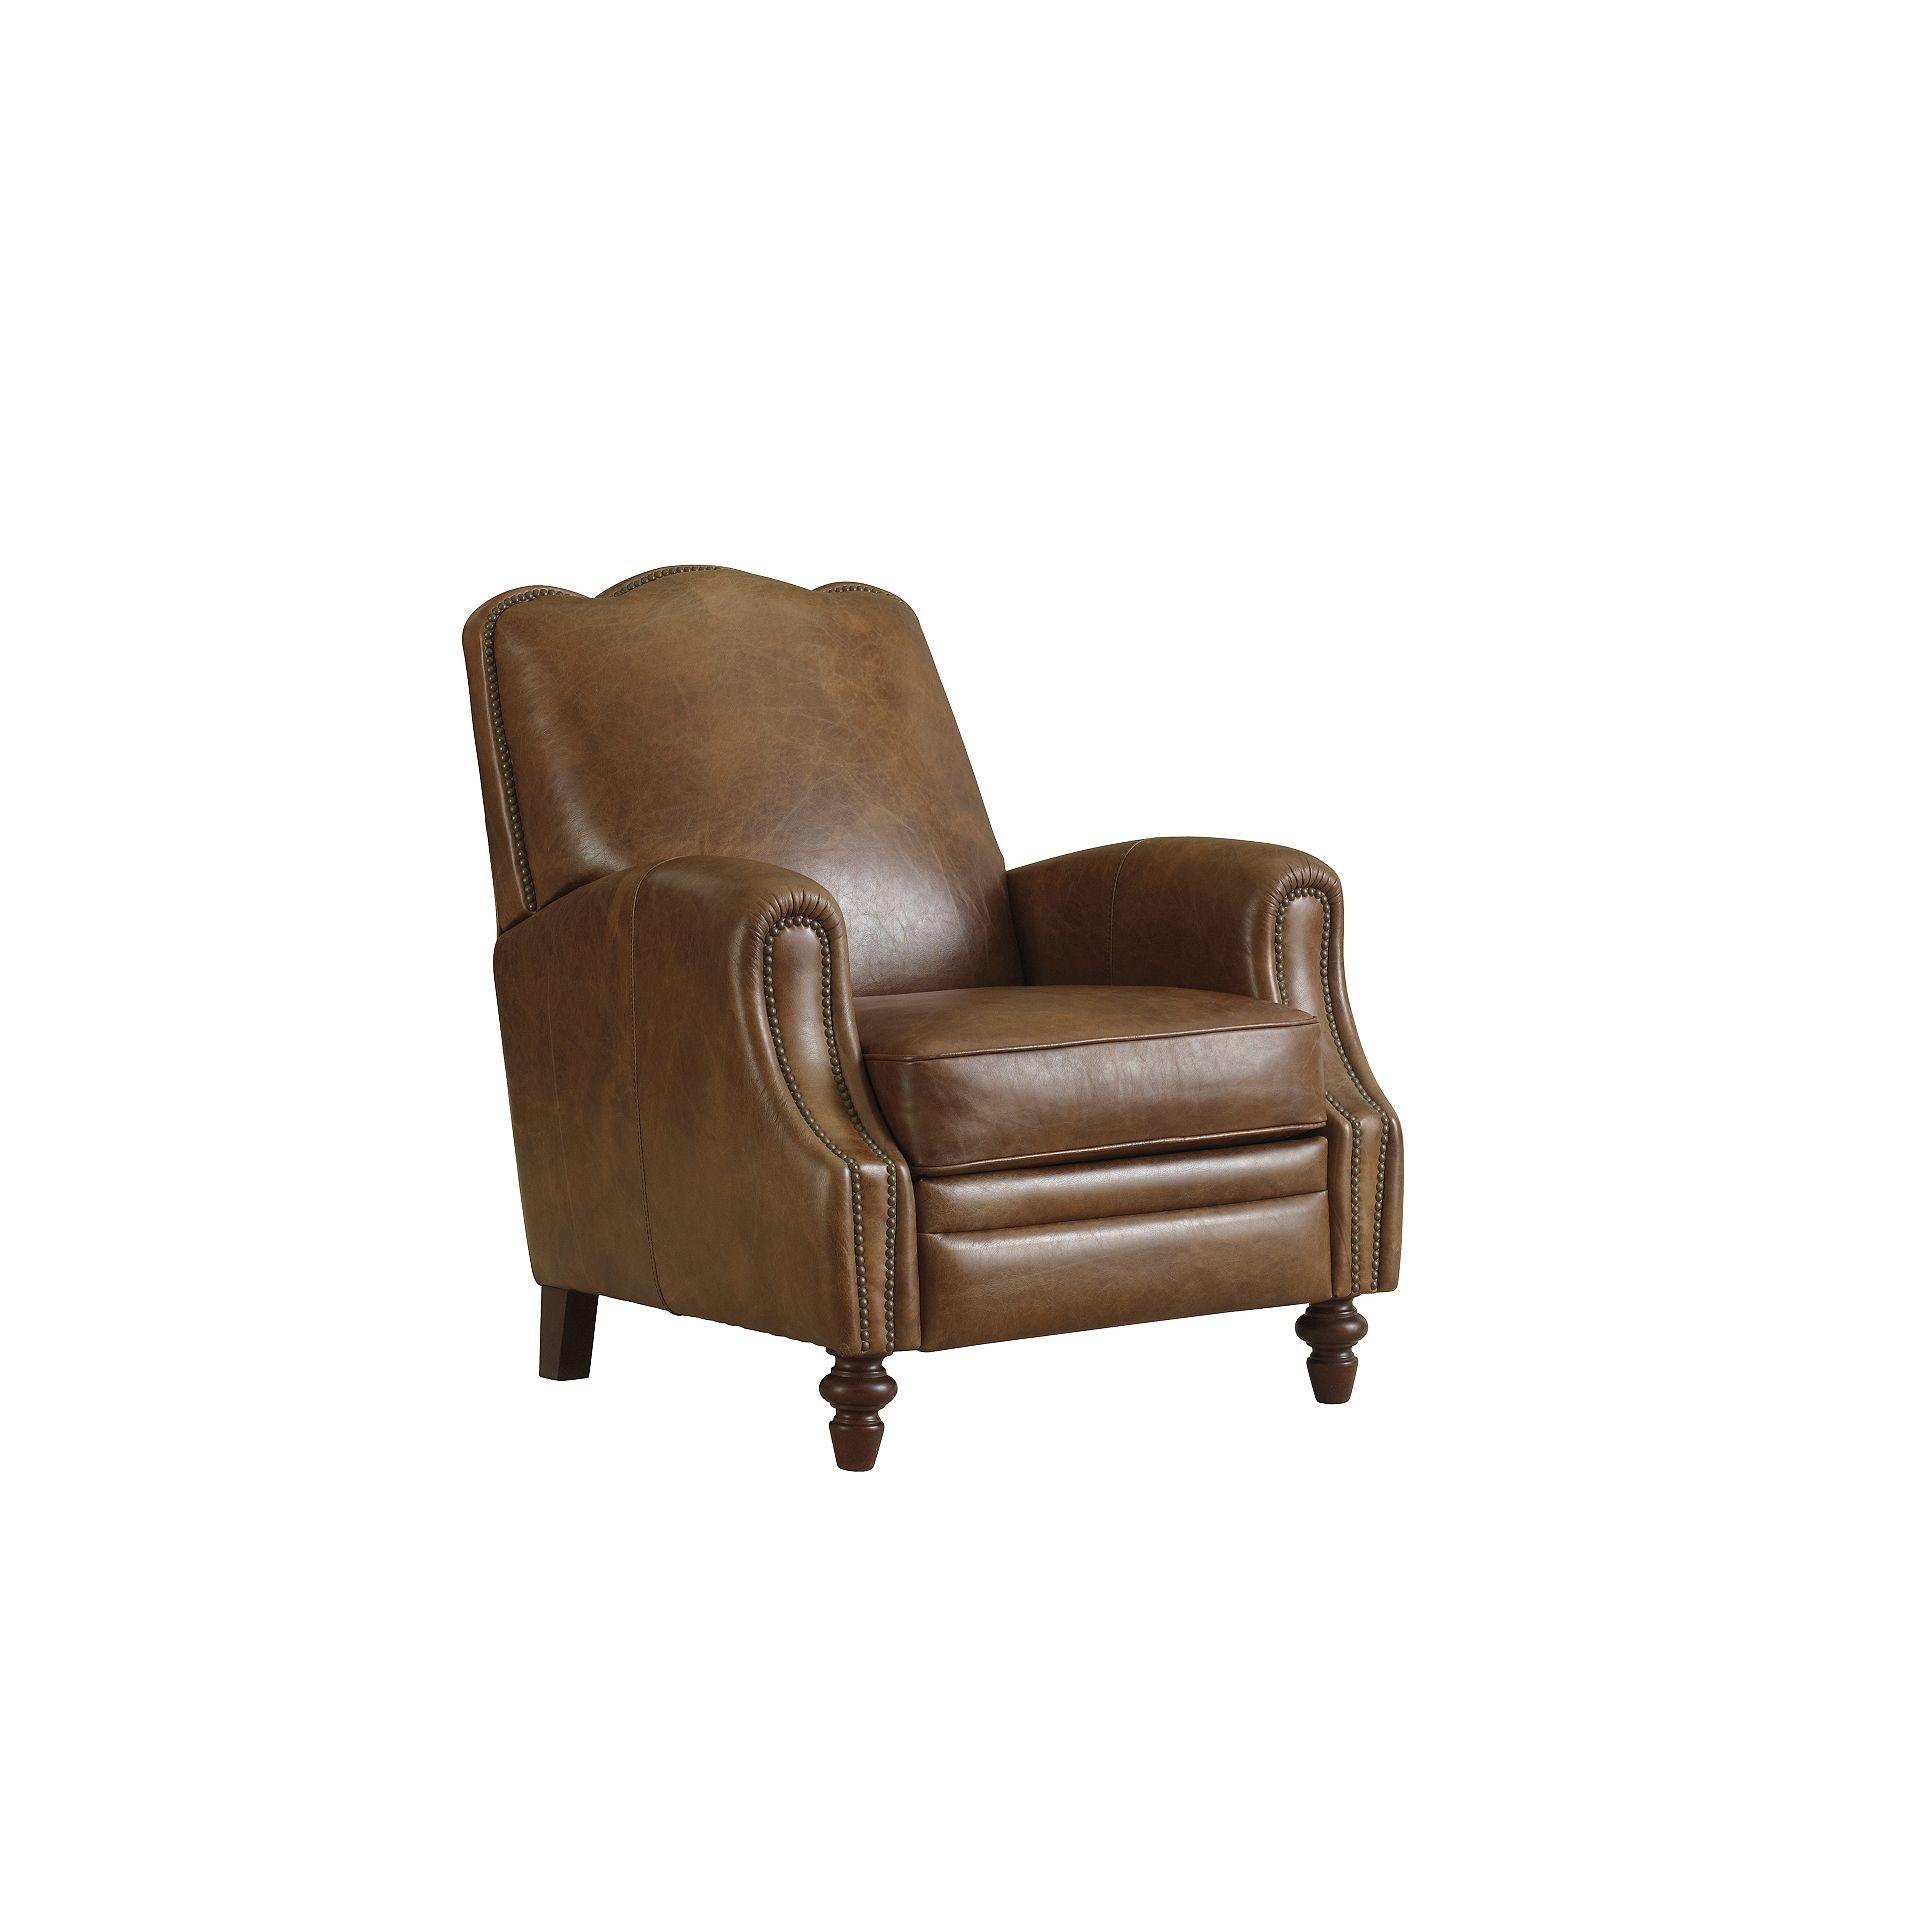 Henredon Furniture Henredon Leather Company Caspien Recliner IL8819 RE